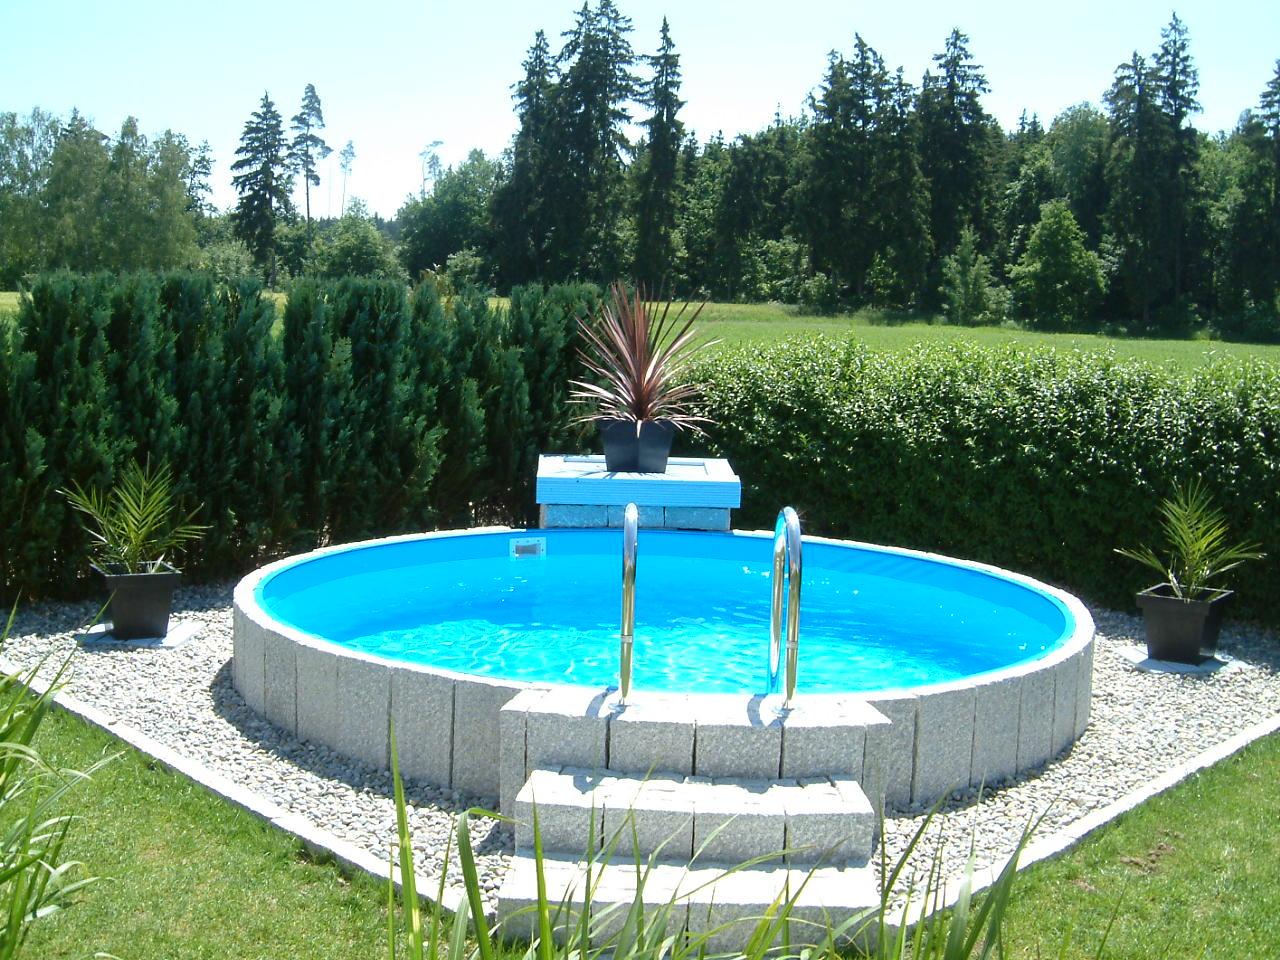 Full Size of Gartenpool Rechteckig Test Mit Pumpe Kaufen Intex Holz Bestway Garten Pool 3m Sandfilteranlage Obi Komplettset Wohnzimmer Gartenpool Rechteckig